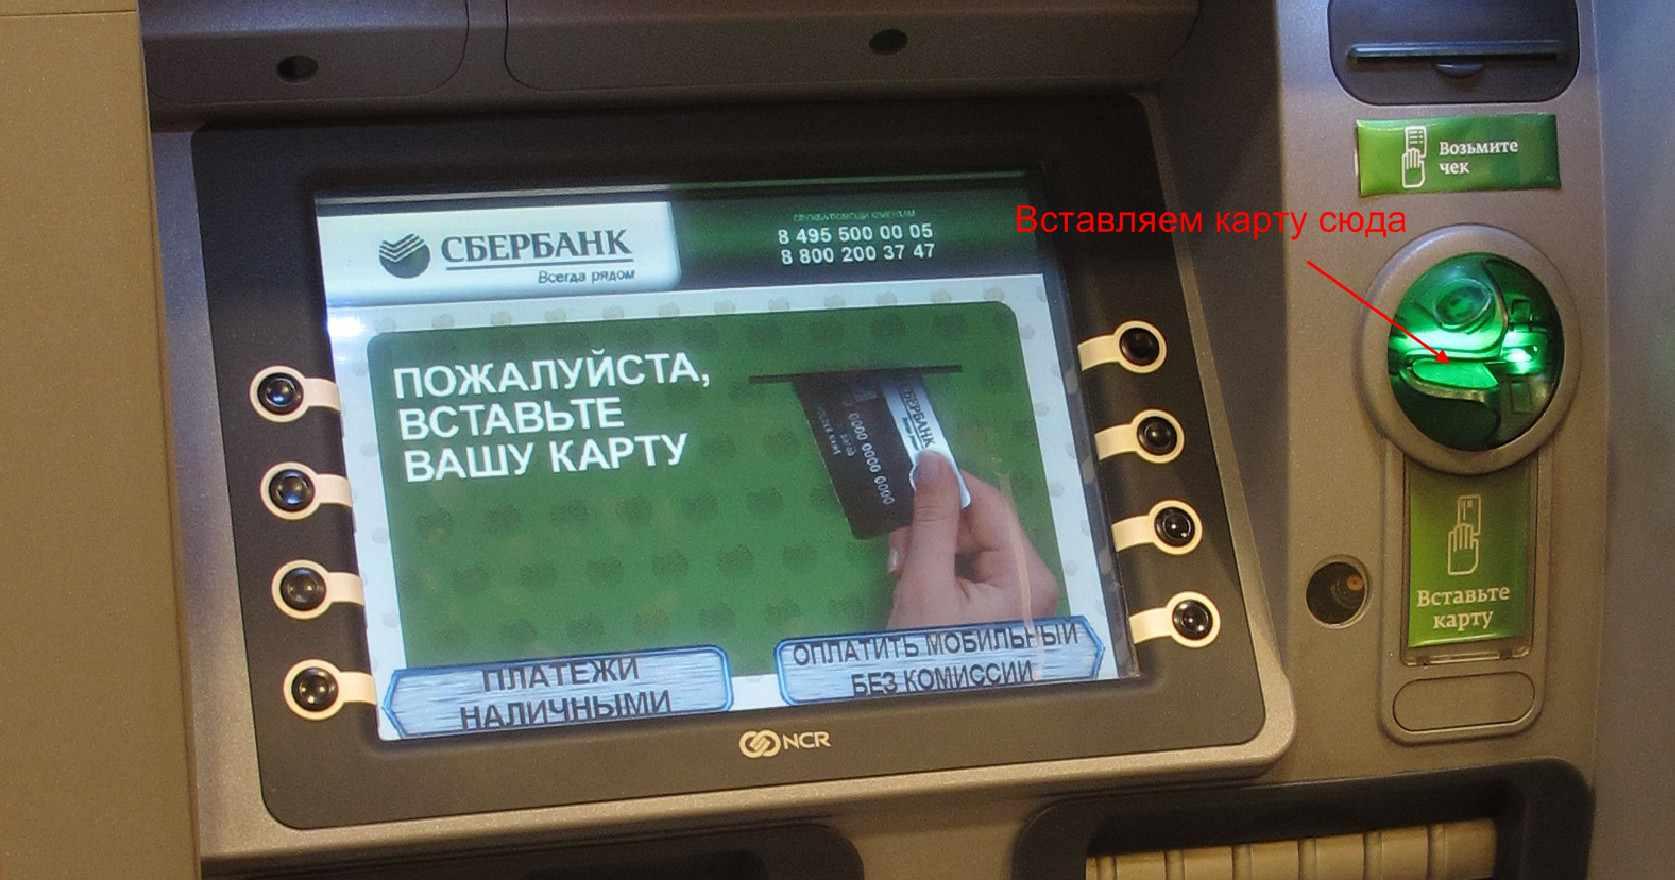 Инструкция как сделать перевод с карты на карту сбербанка через банкомат